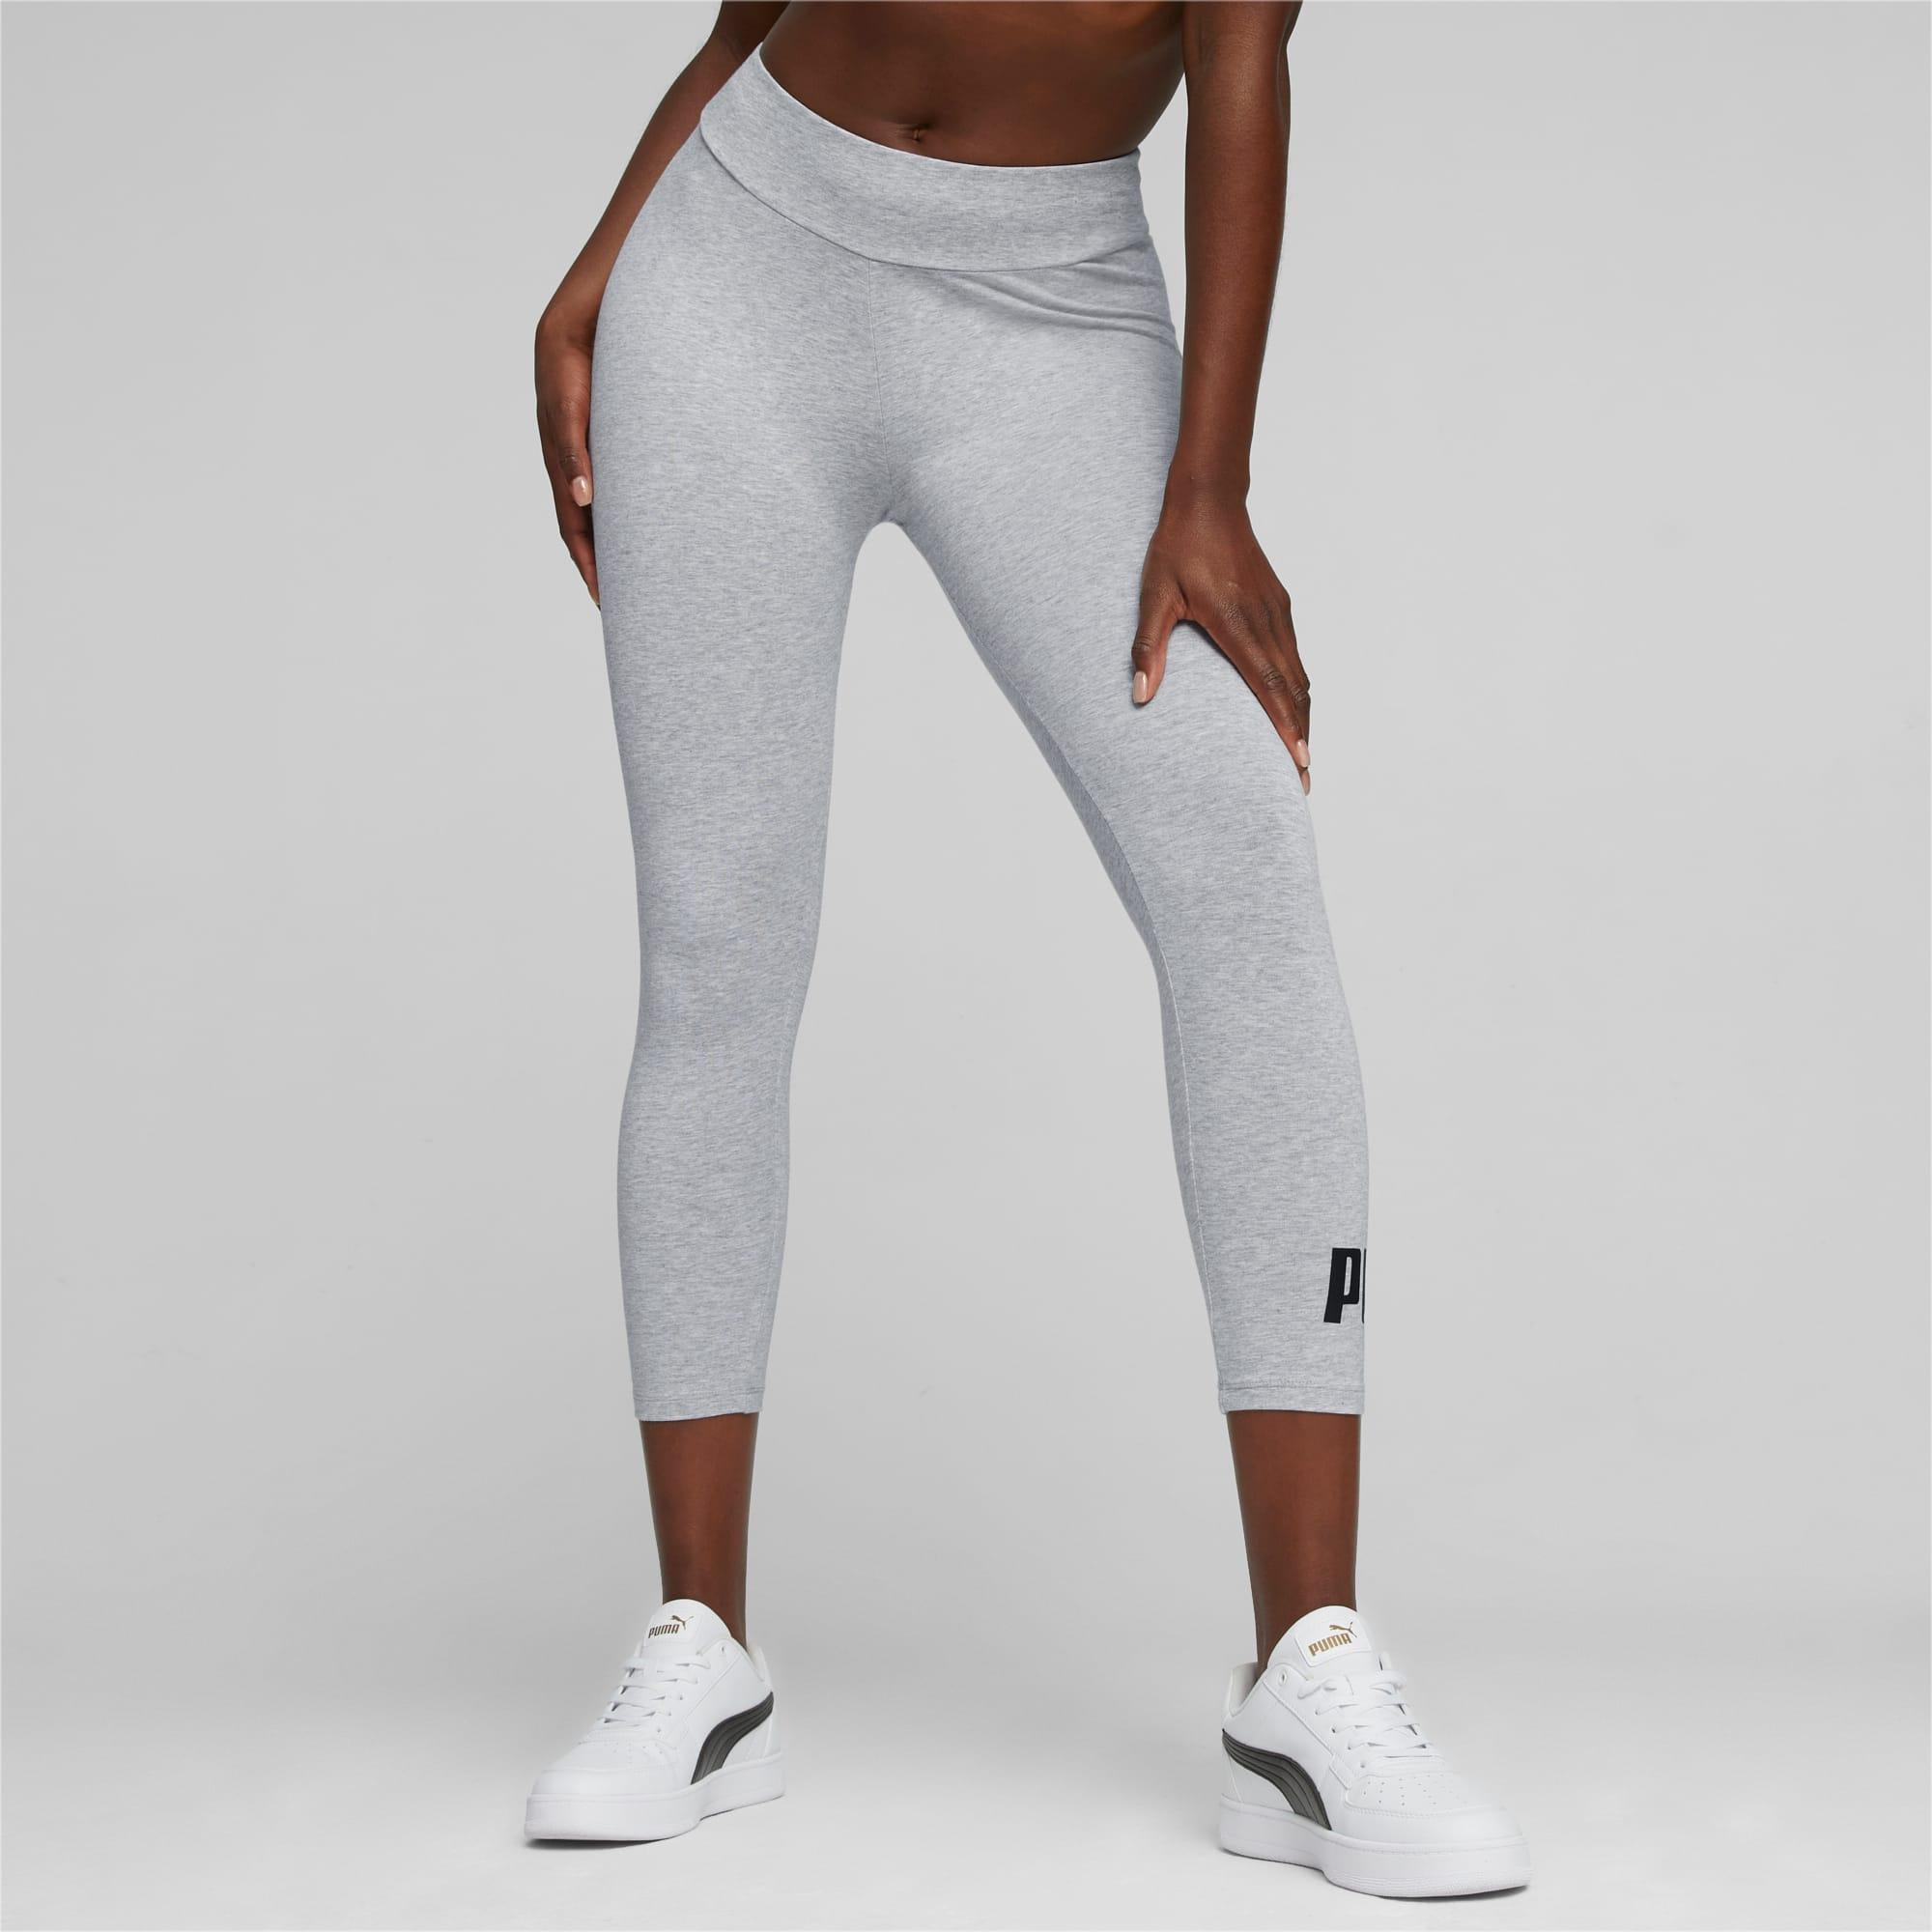 Essentials Women's 3/4 Logo Leggings